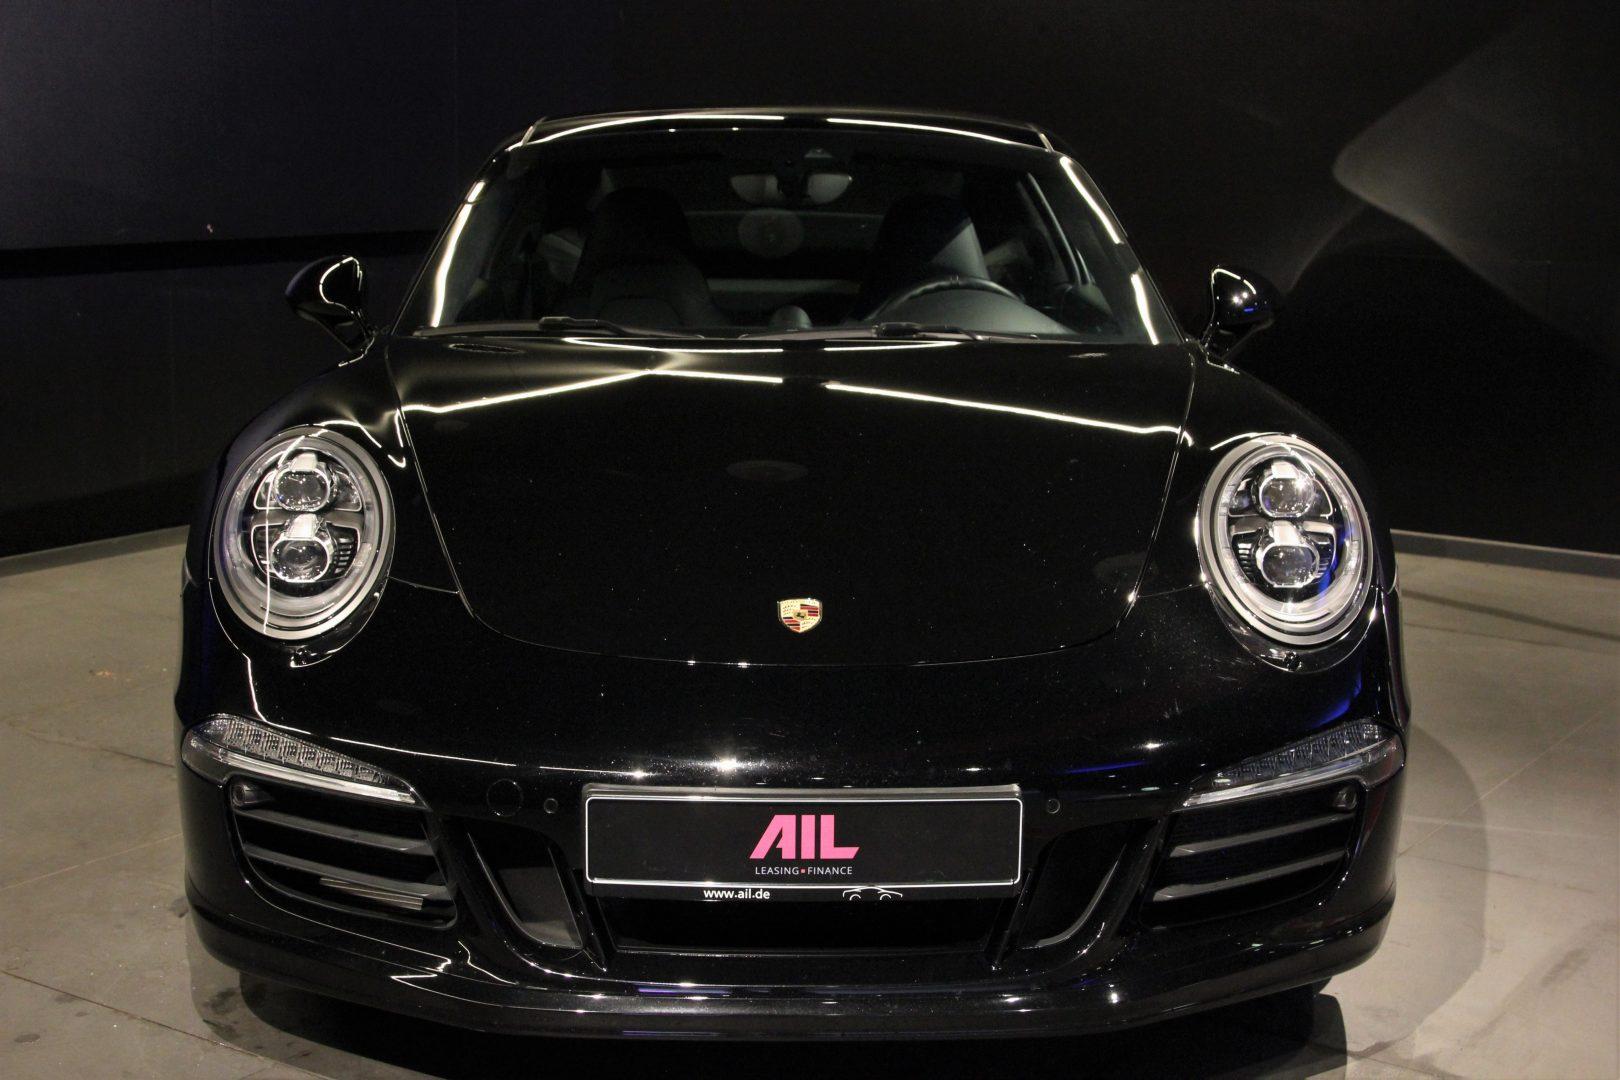 AIL Porsche 991 4 GTS Bose  10